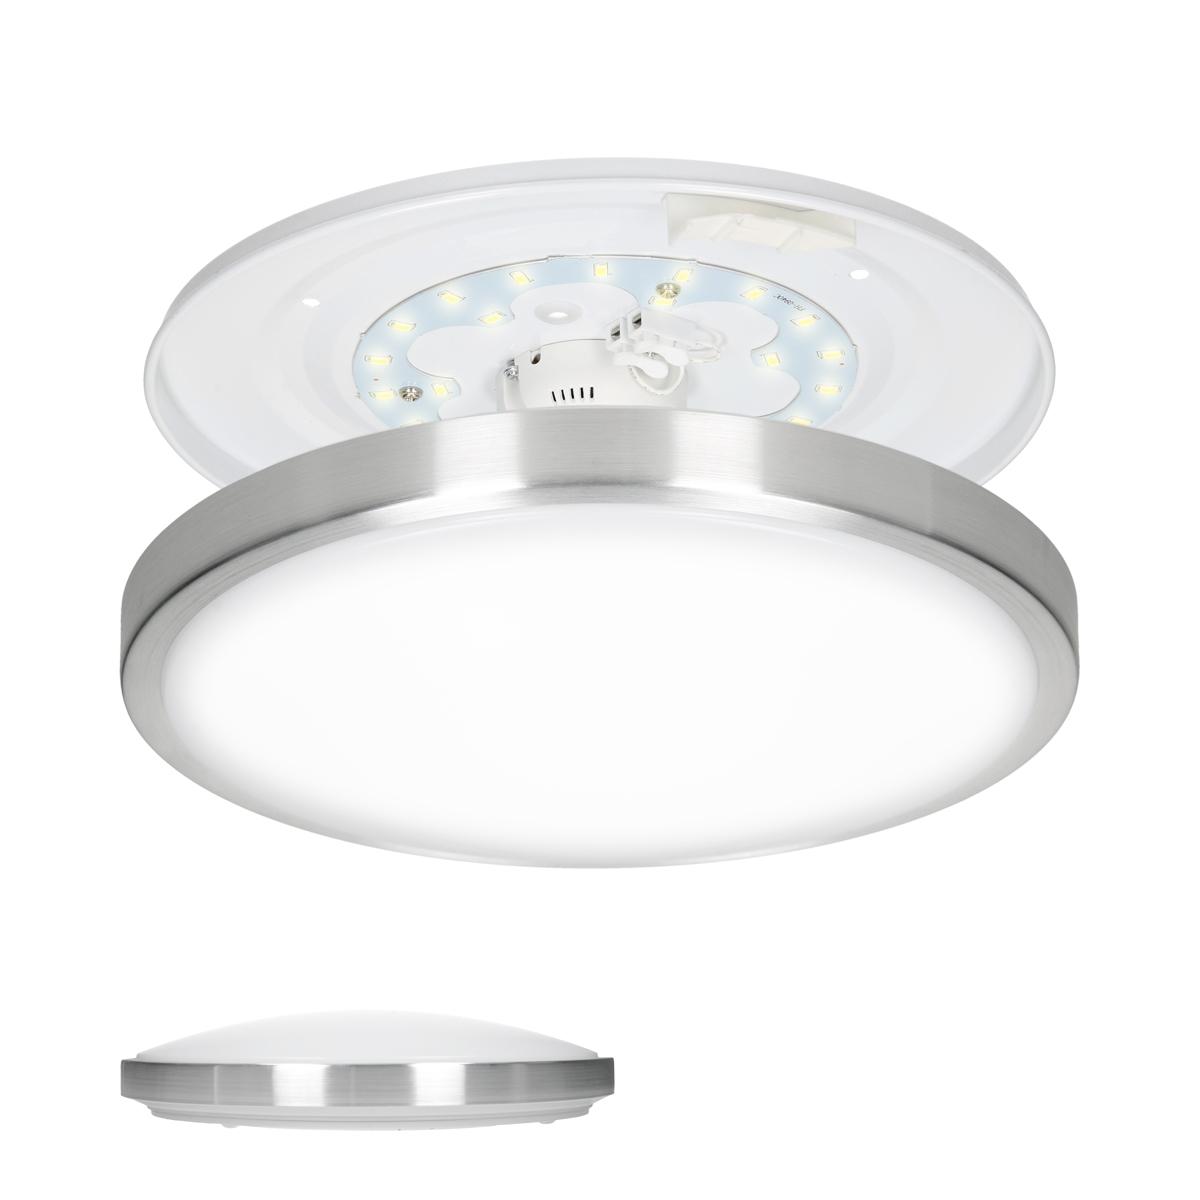 panneau led luminaire plafonnier applique lampe rond carr conomique clairage ebay. Black Bedroom Furniture Sets. Home Design Ideas